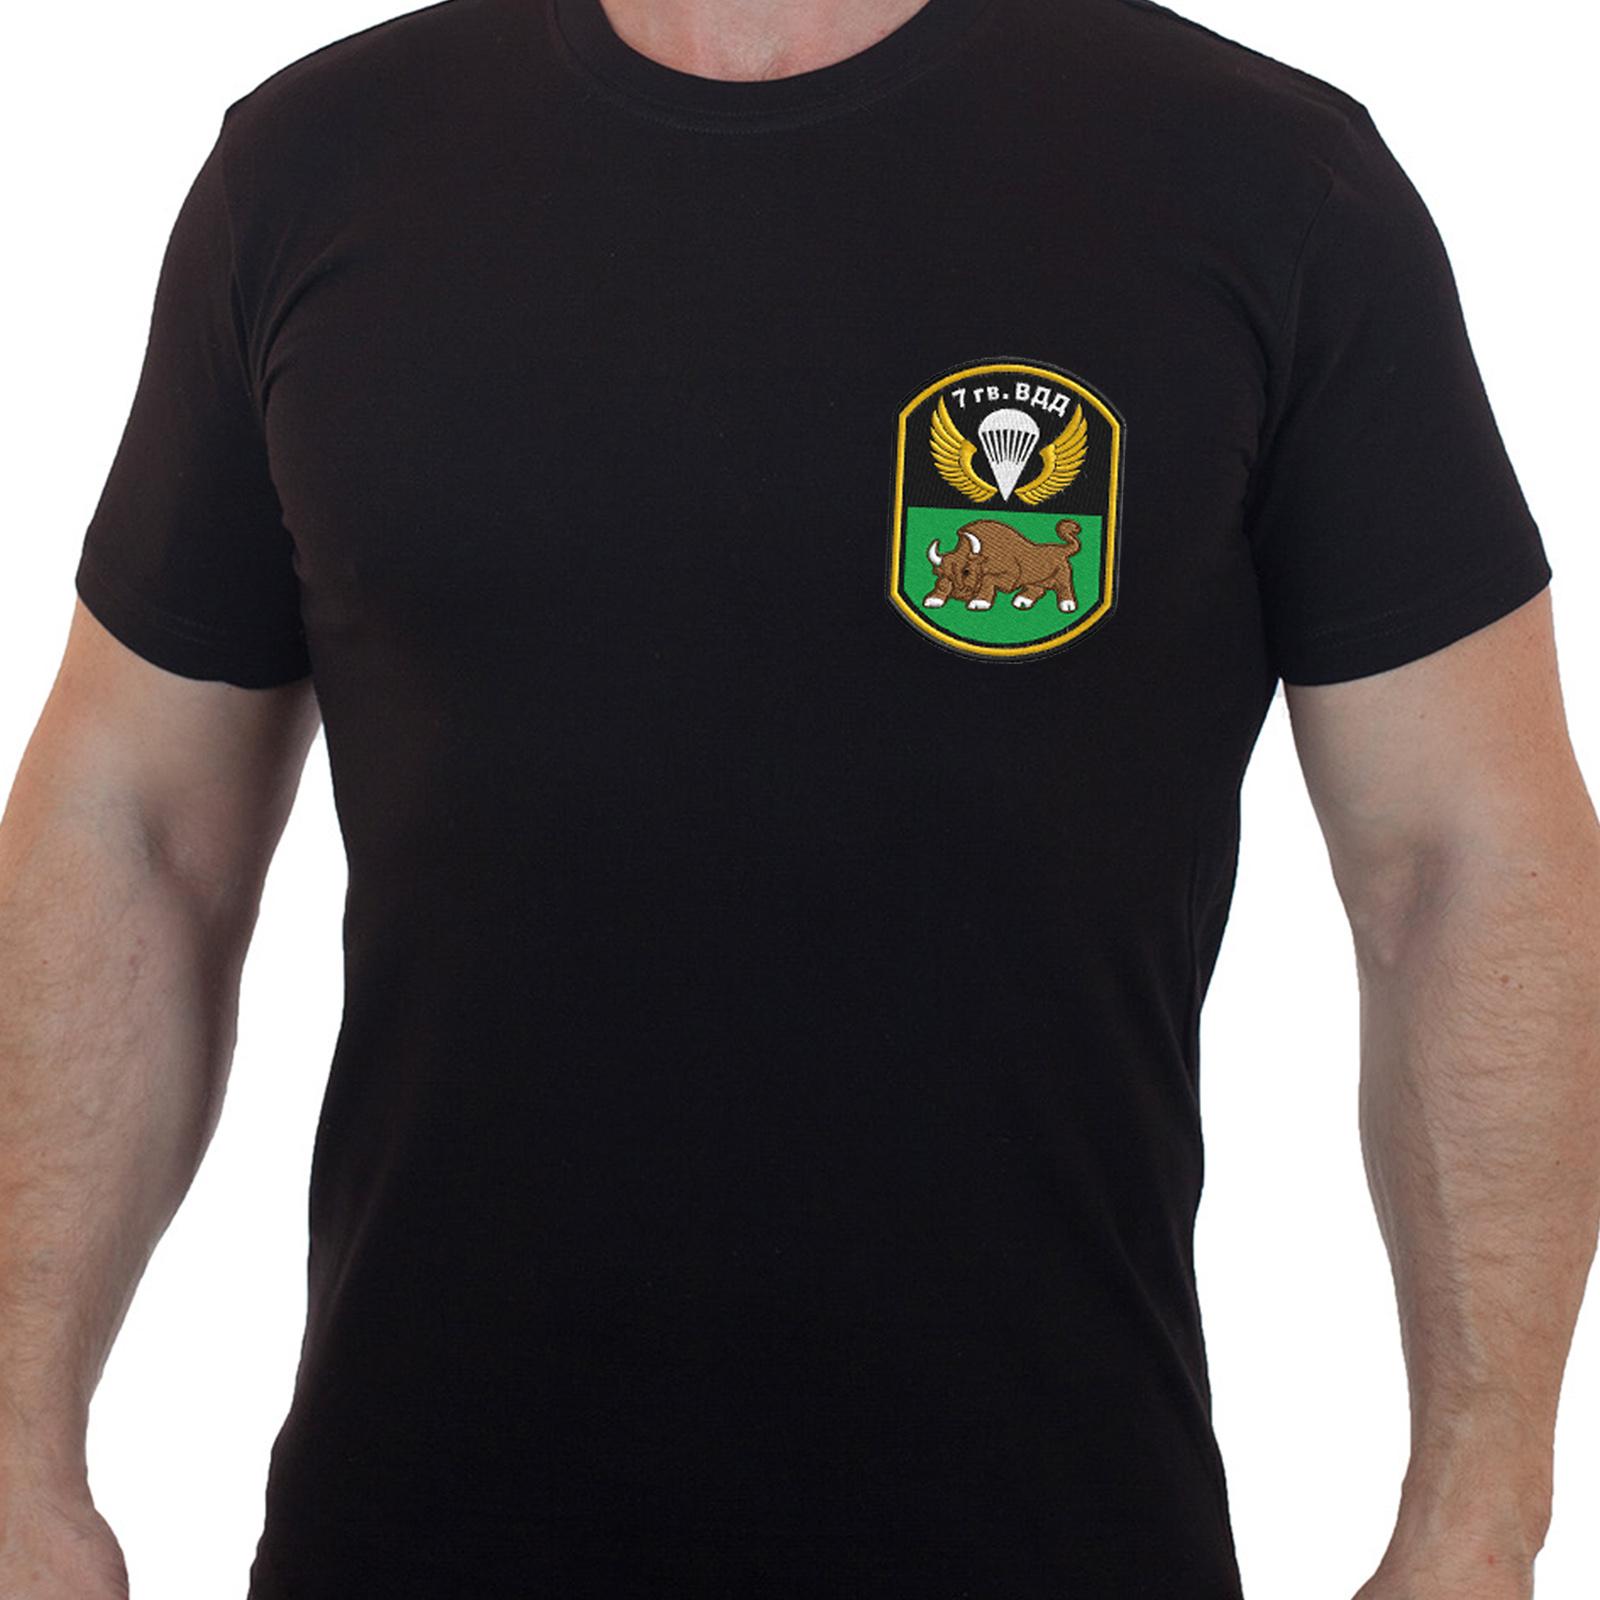 Строгая черная футболка с вышитой эмблемой 7гв. ВДД - купить оптом